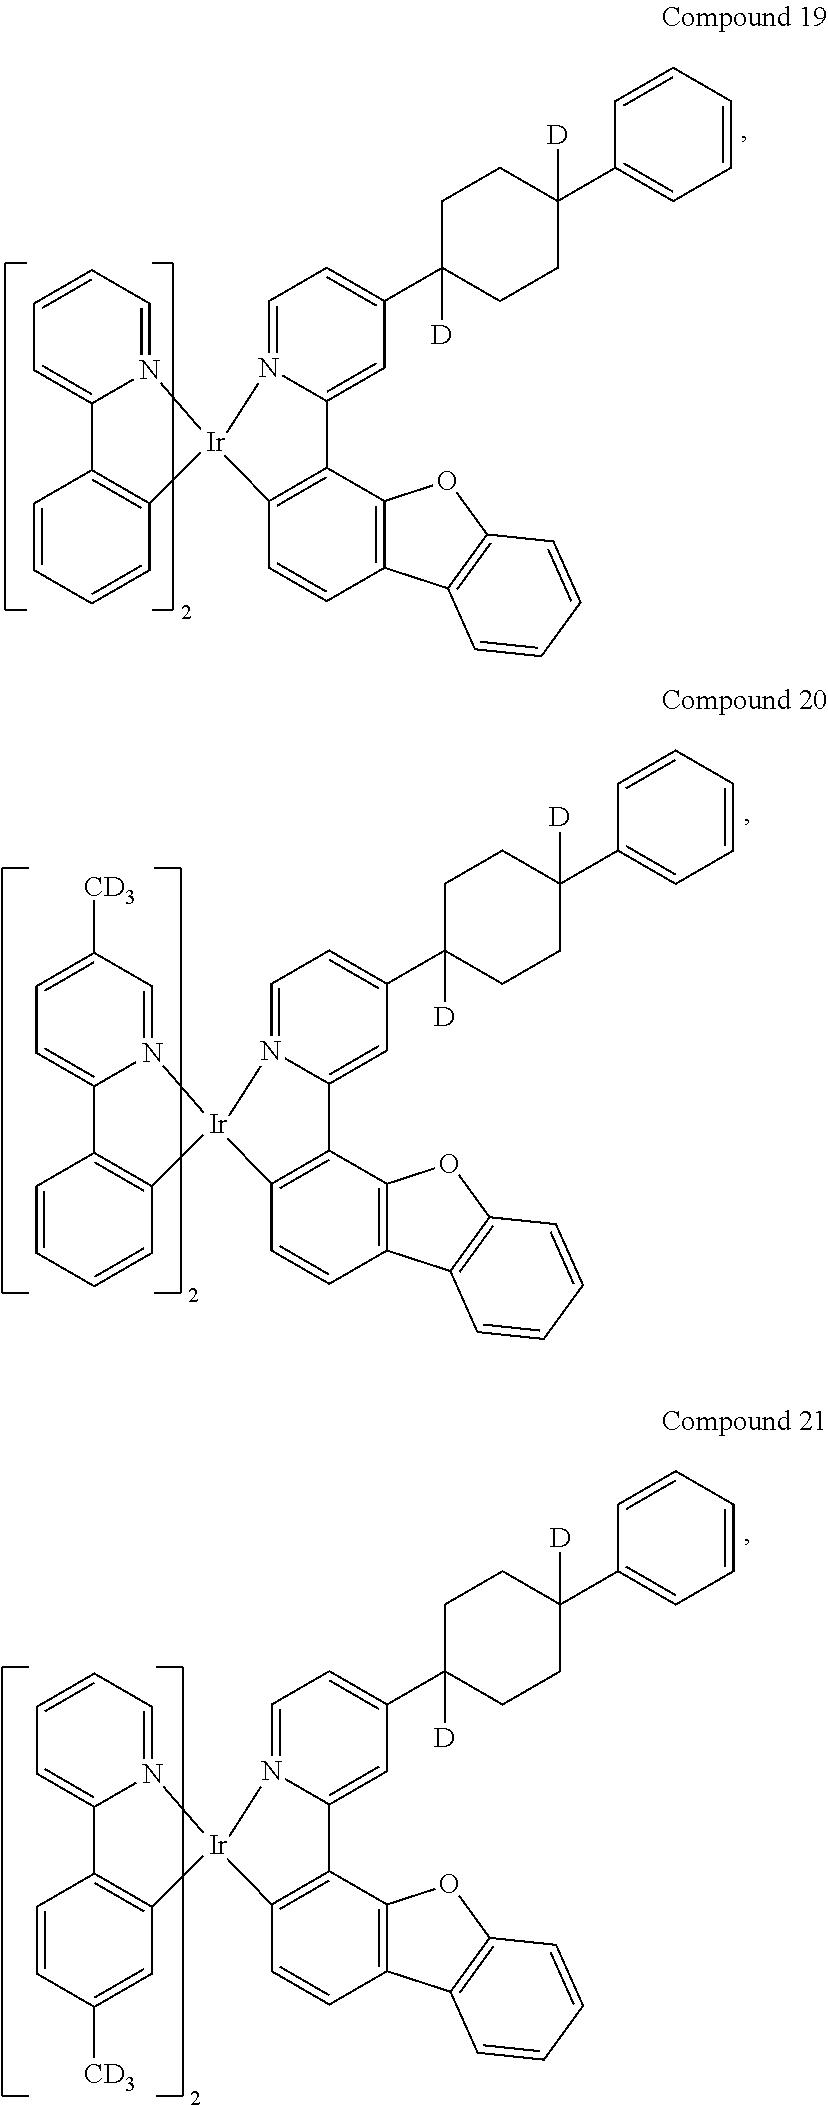 Figure US20180076393A1-20180315-C00027